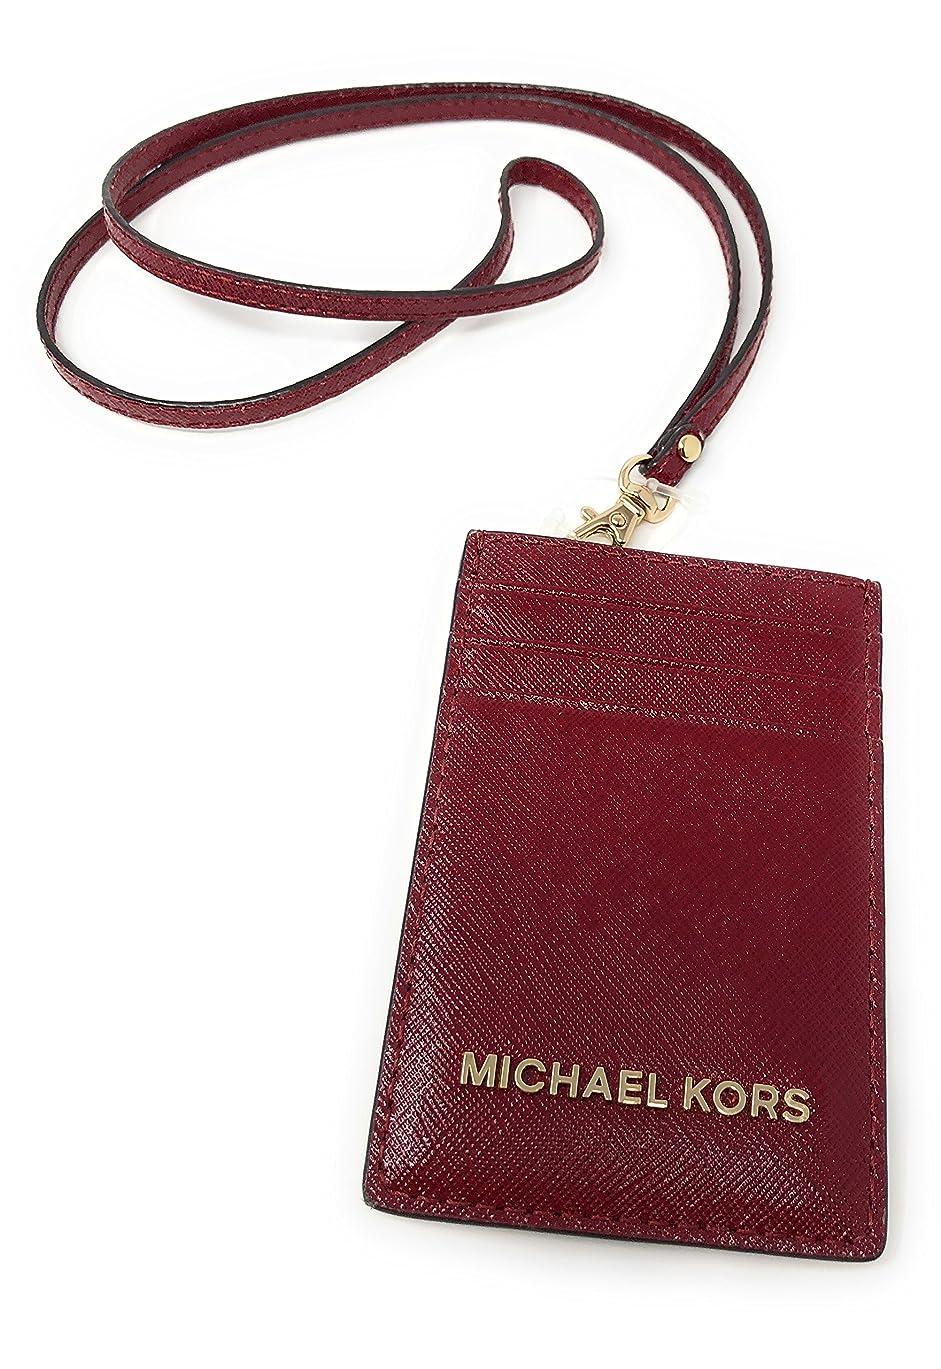 生き返らせるラフレシアアルノルディ健康的Michael Kors ACCESSORY レディース US サイズ: One Size カラー: レッド